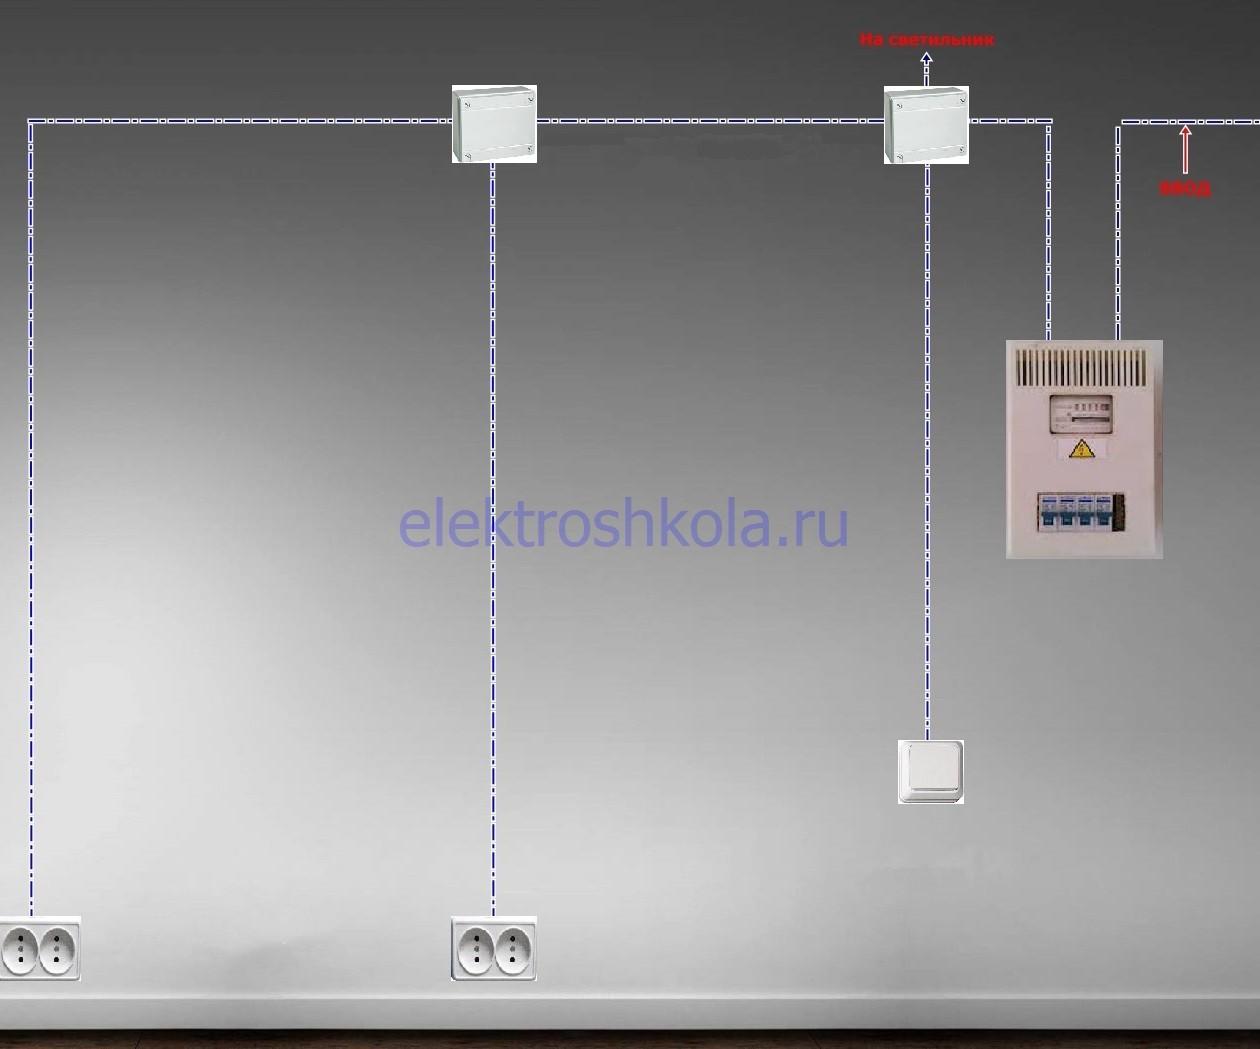 монтаж открытой электропроводки шаг - 2